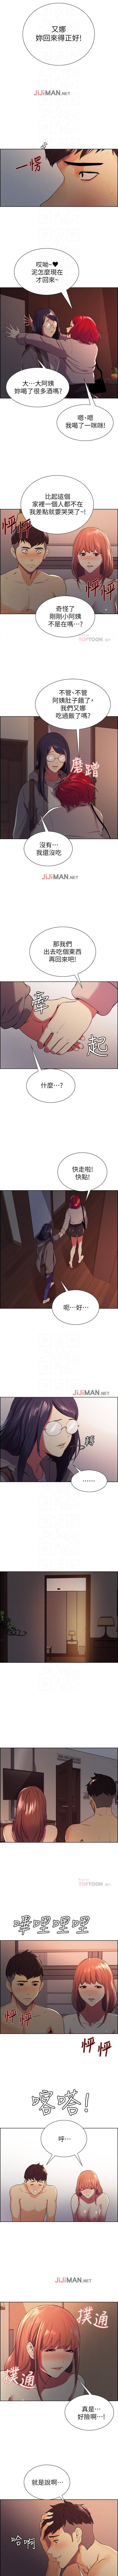 【周二连载】室友招募中(作者:Serious) 第1~13话 81